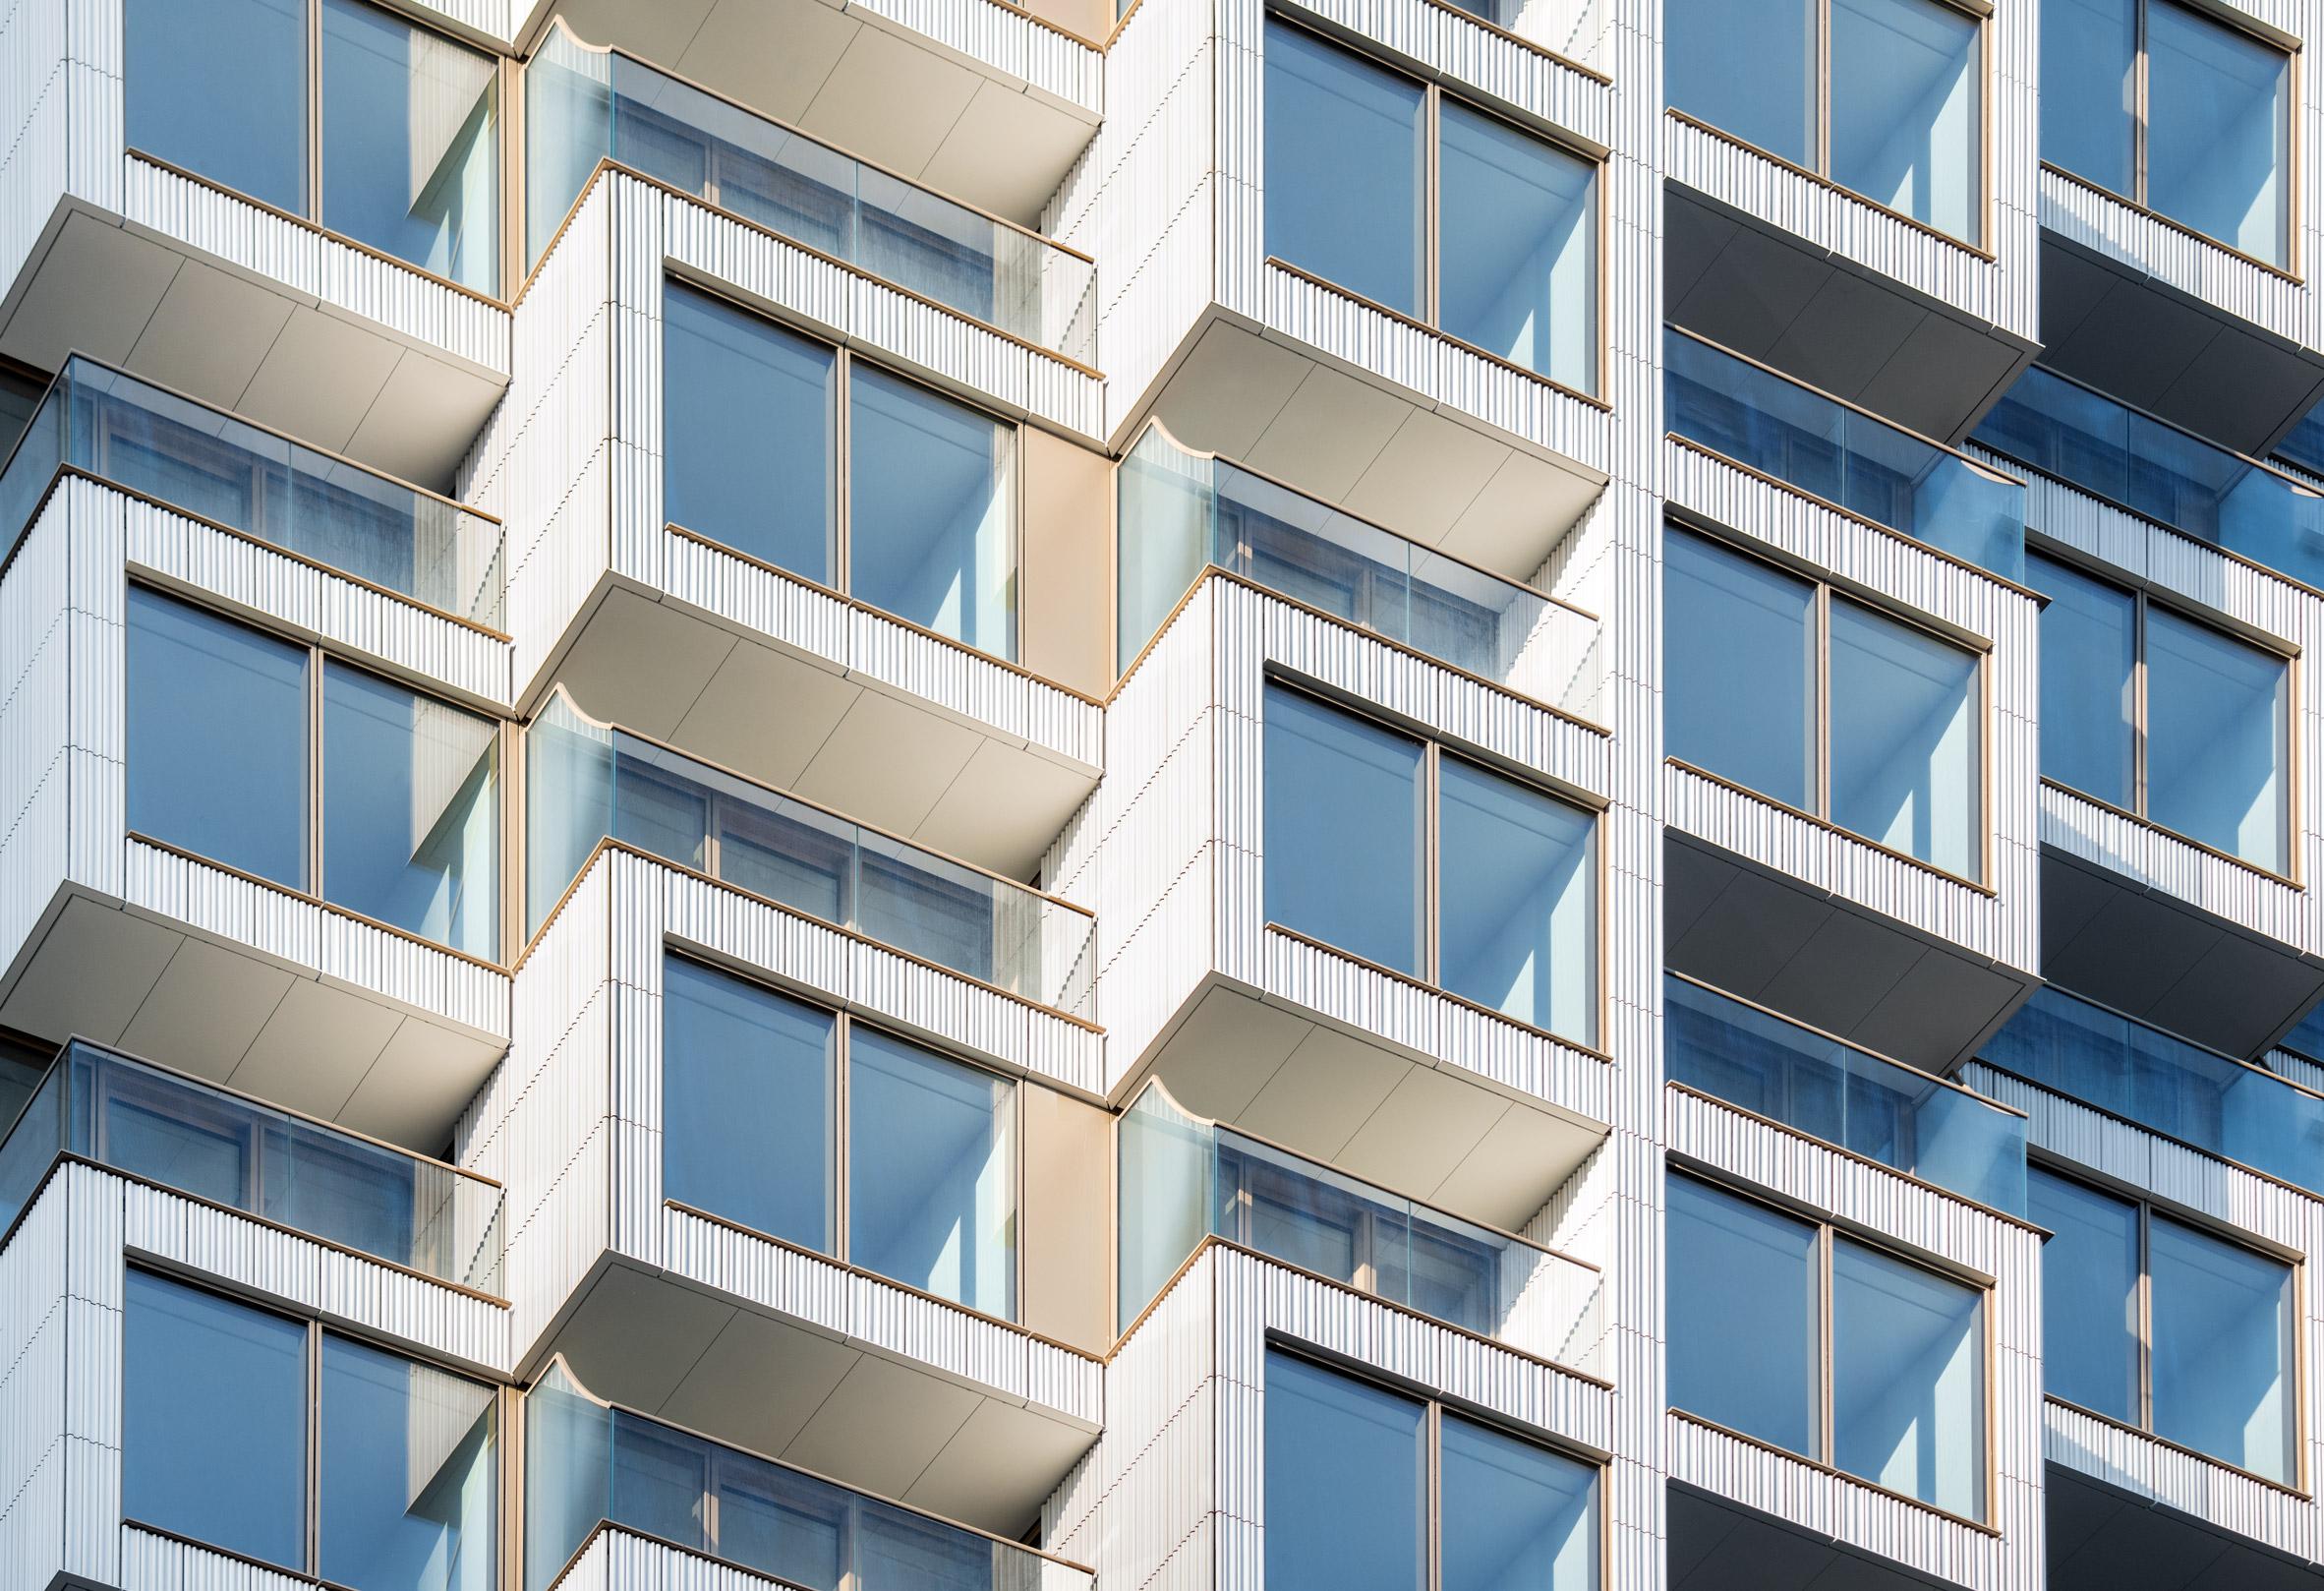 Blocky apartments in London skyscraper